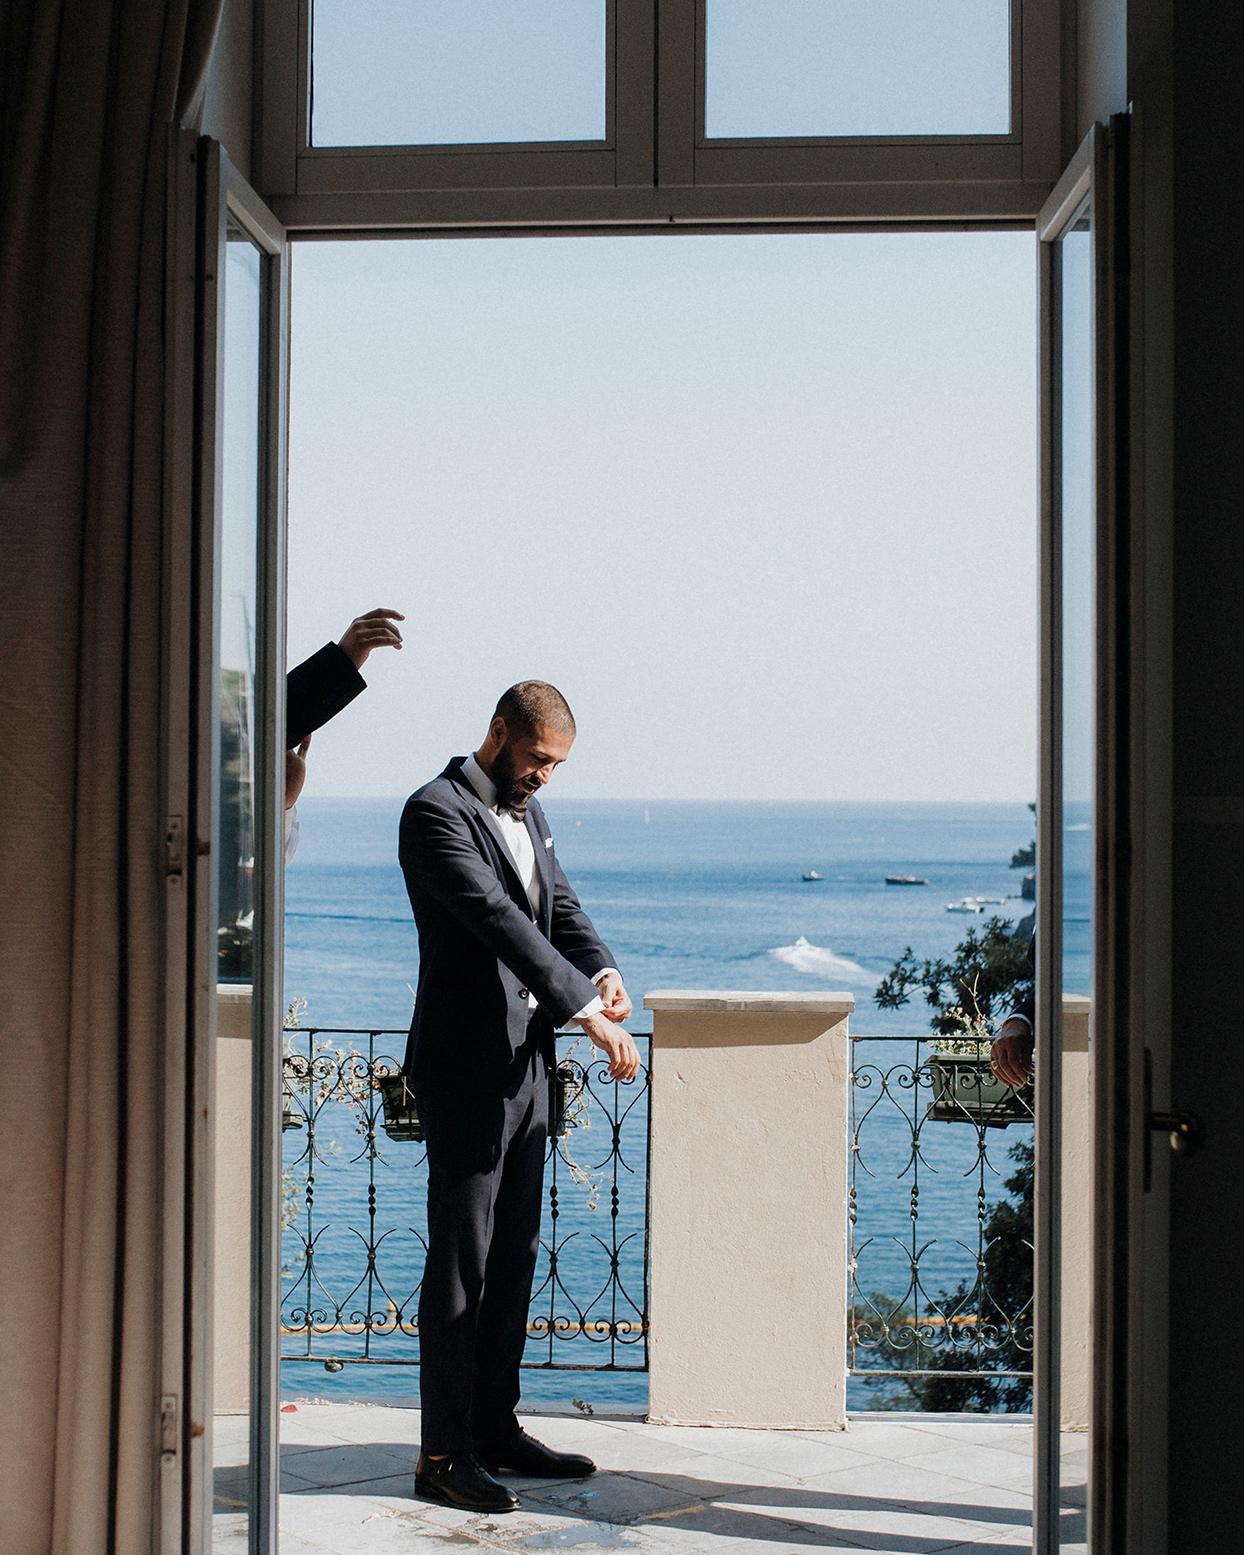 jaclyn antonio wedding groom getting ready overlooking water